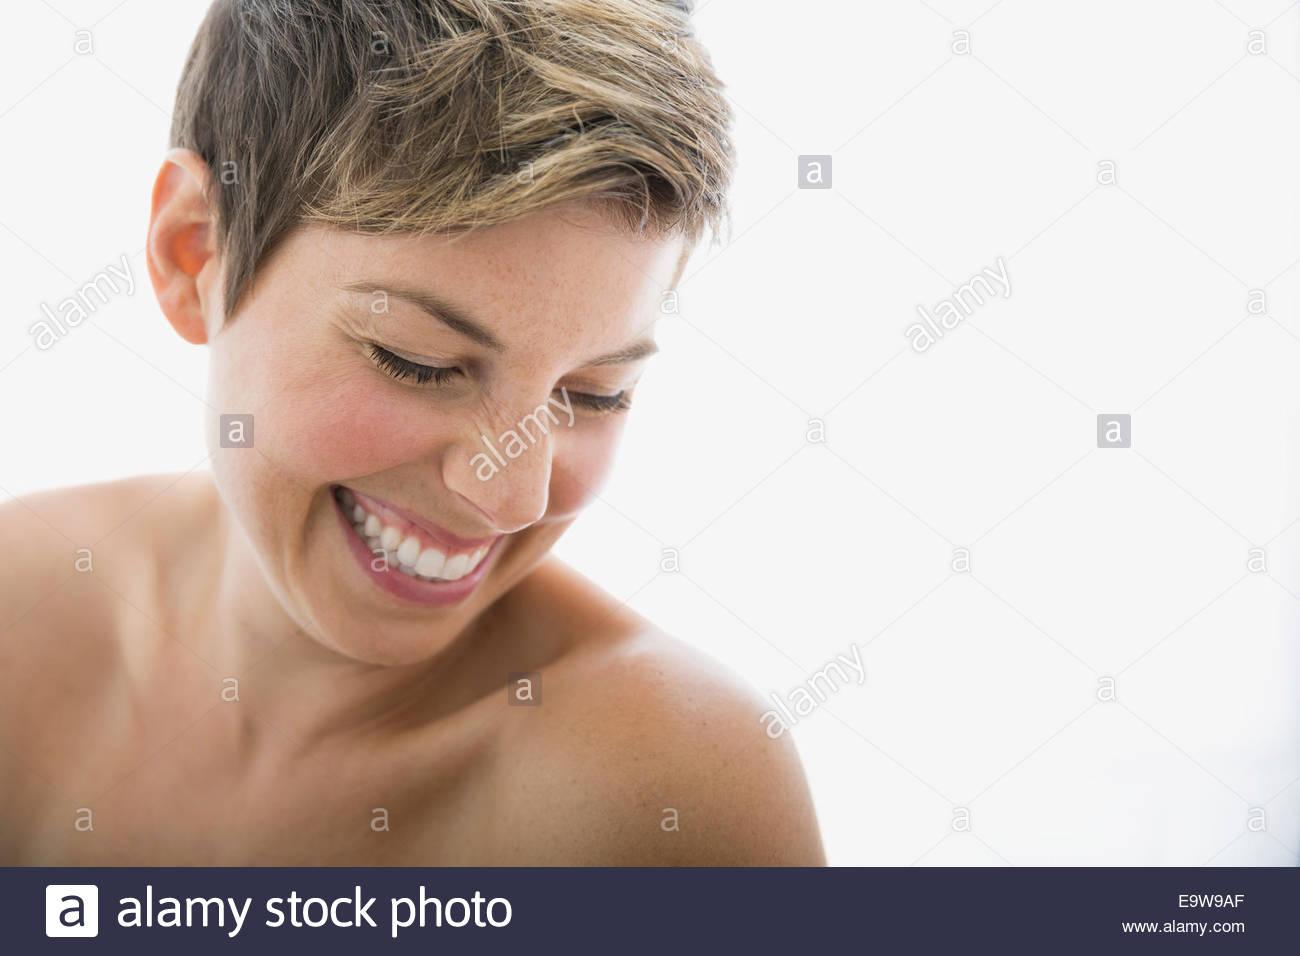 Lachende Frau mit nacktem Oberkörper nach unten Stockbild